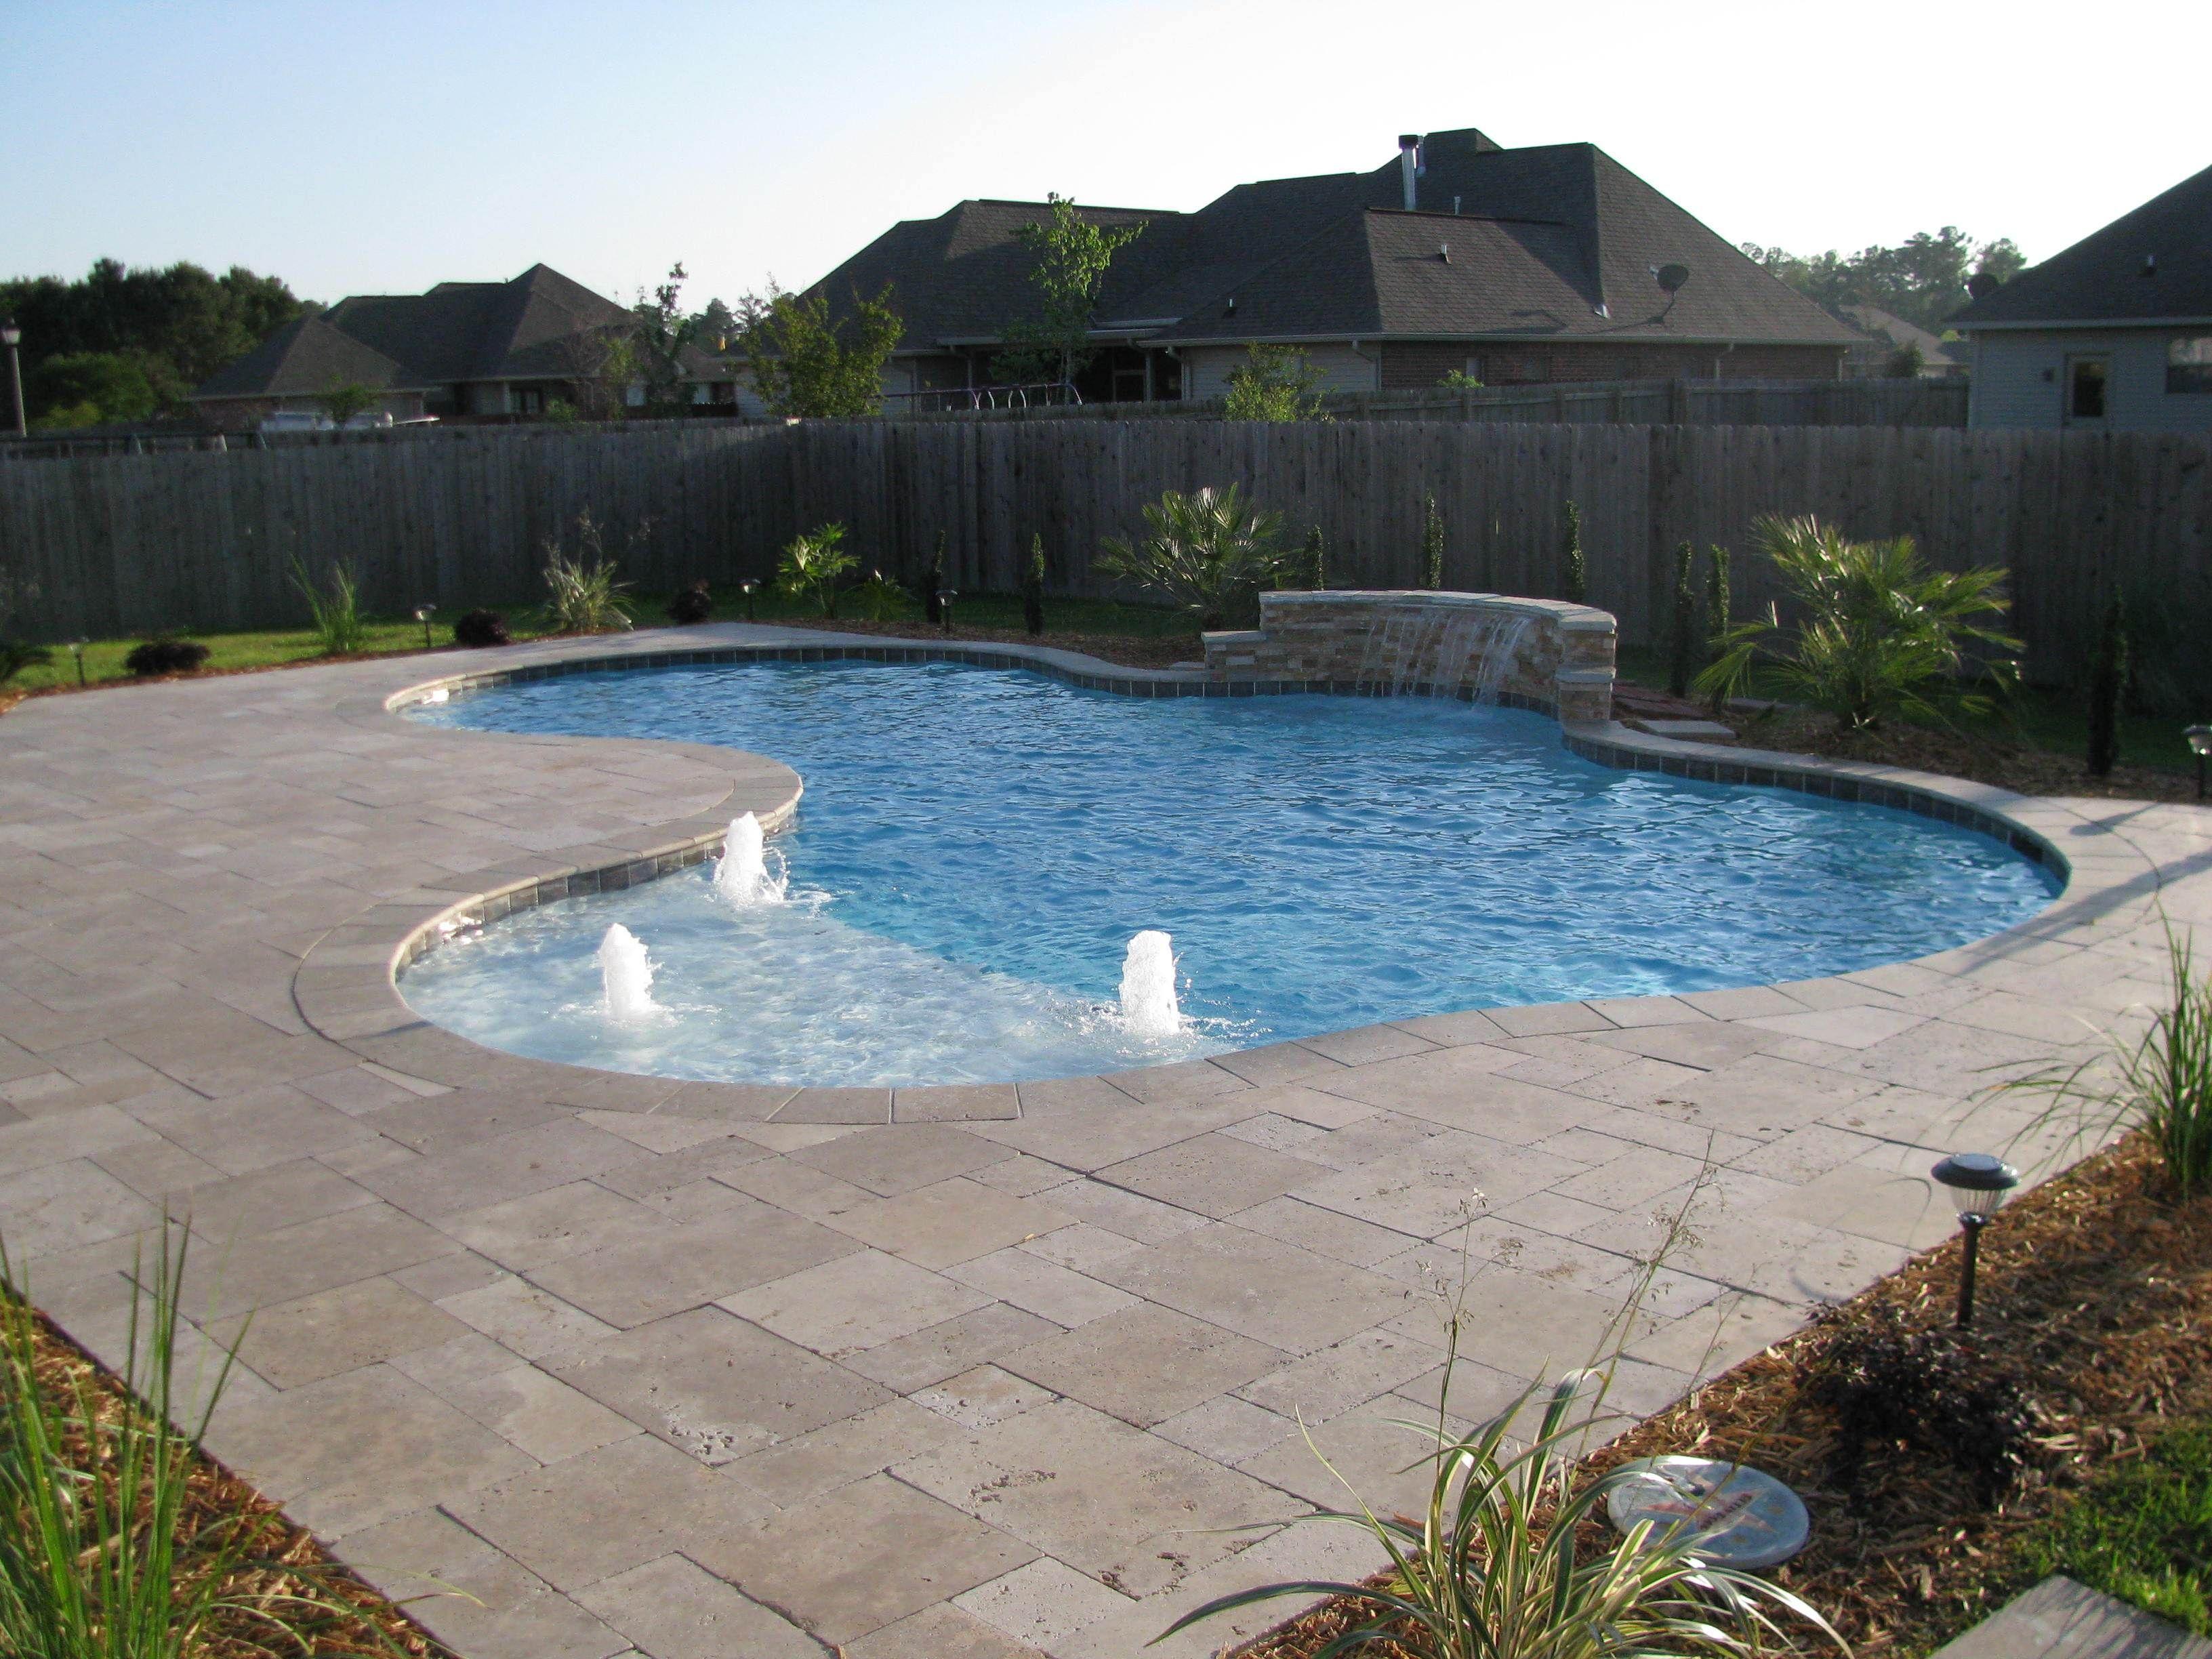 Madisonville swimming pool Inground pools, Backyard pool